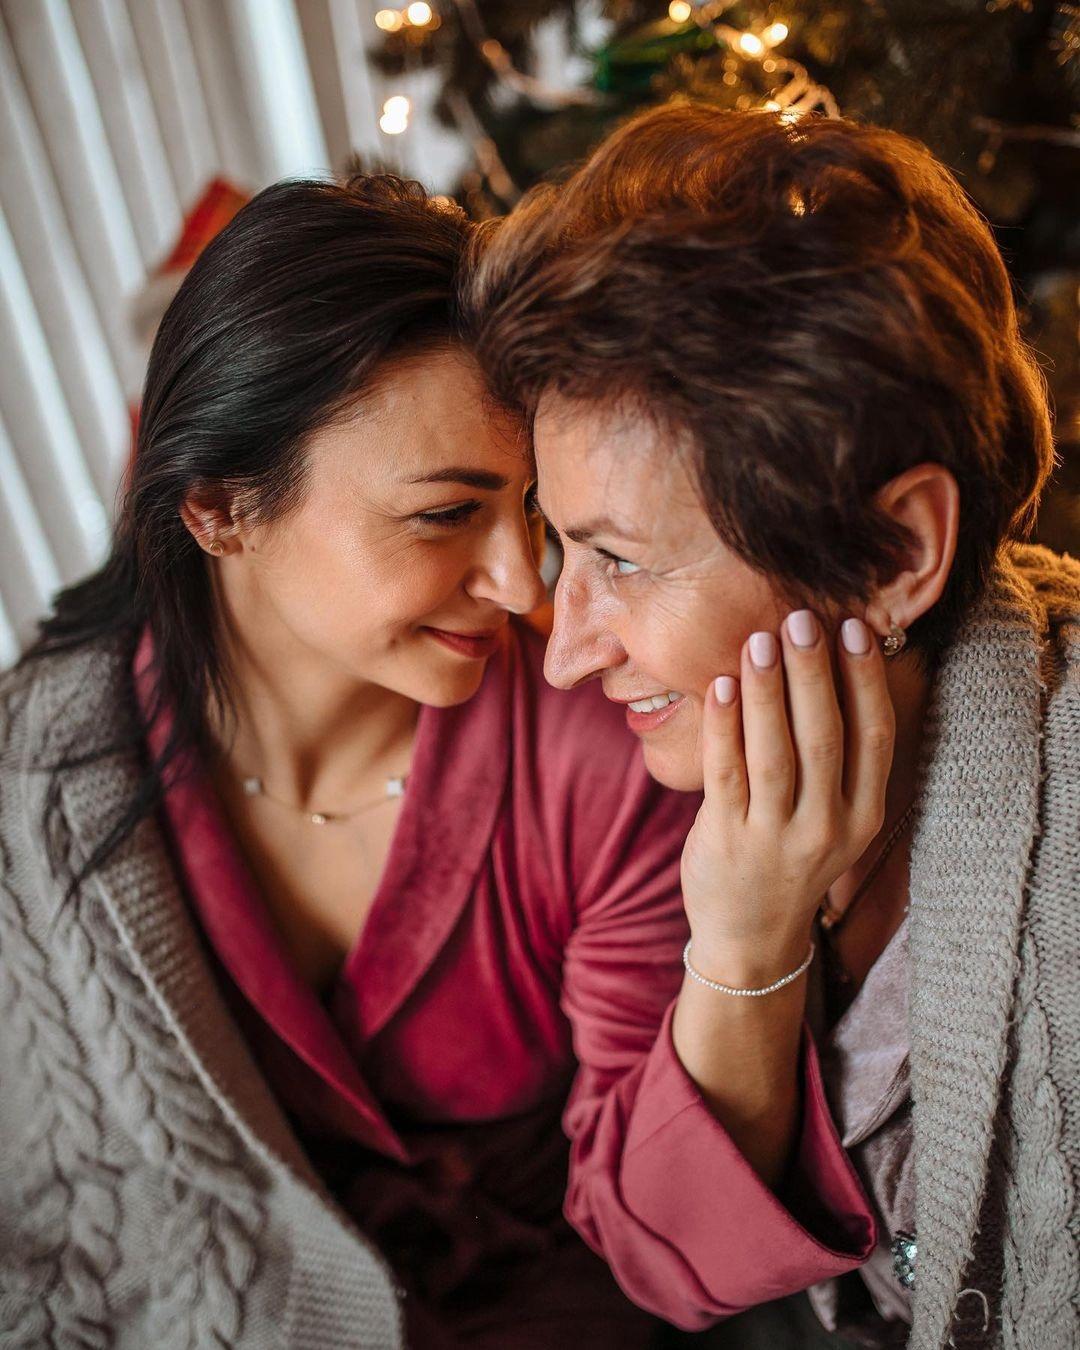 день матери украинские звезды как празднуют что дарят Илона Гвоздева семья мать